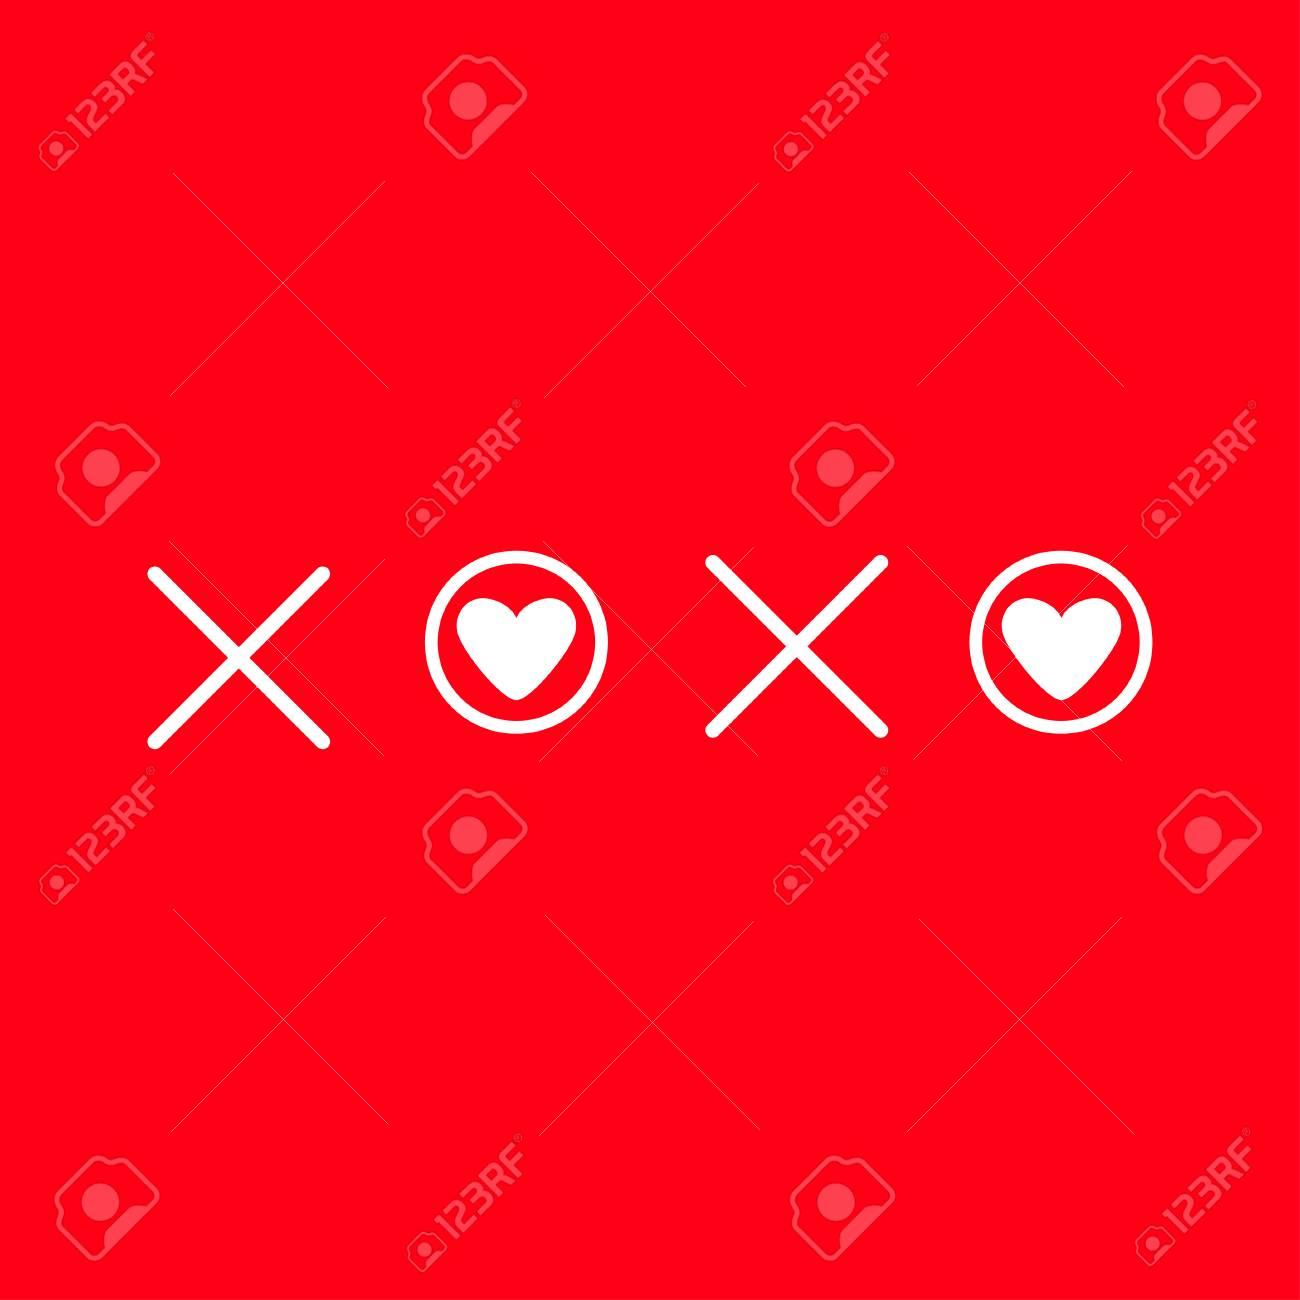 Xoxo Calins Et Bisous Signe Symbole Marque Carte Amour Coeur Blanc